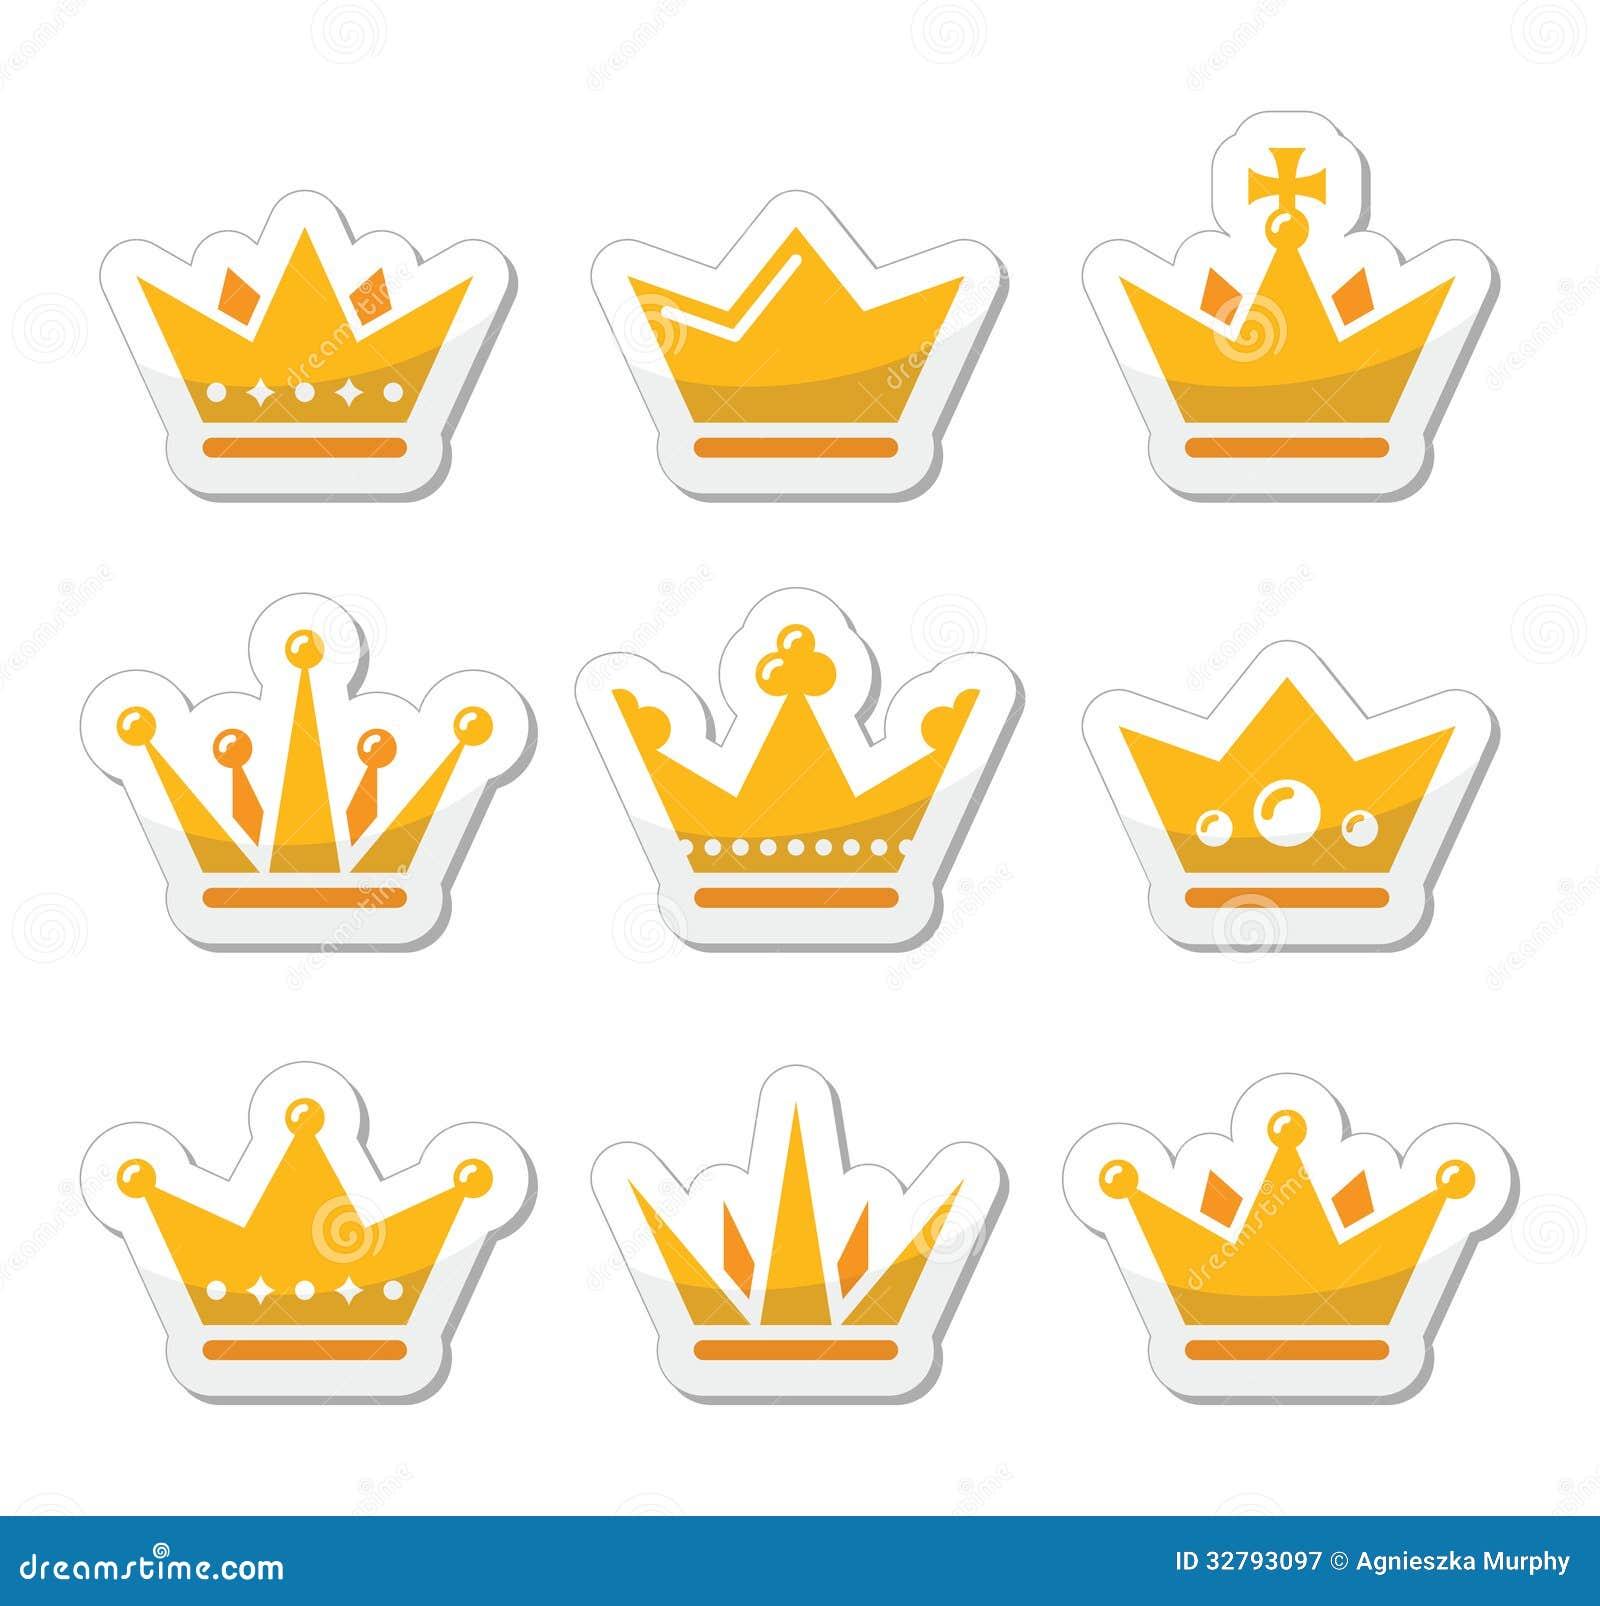 free clip art royal family - photo #28